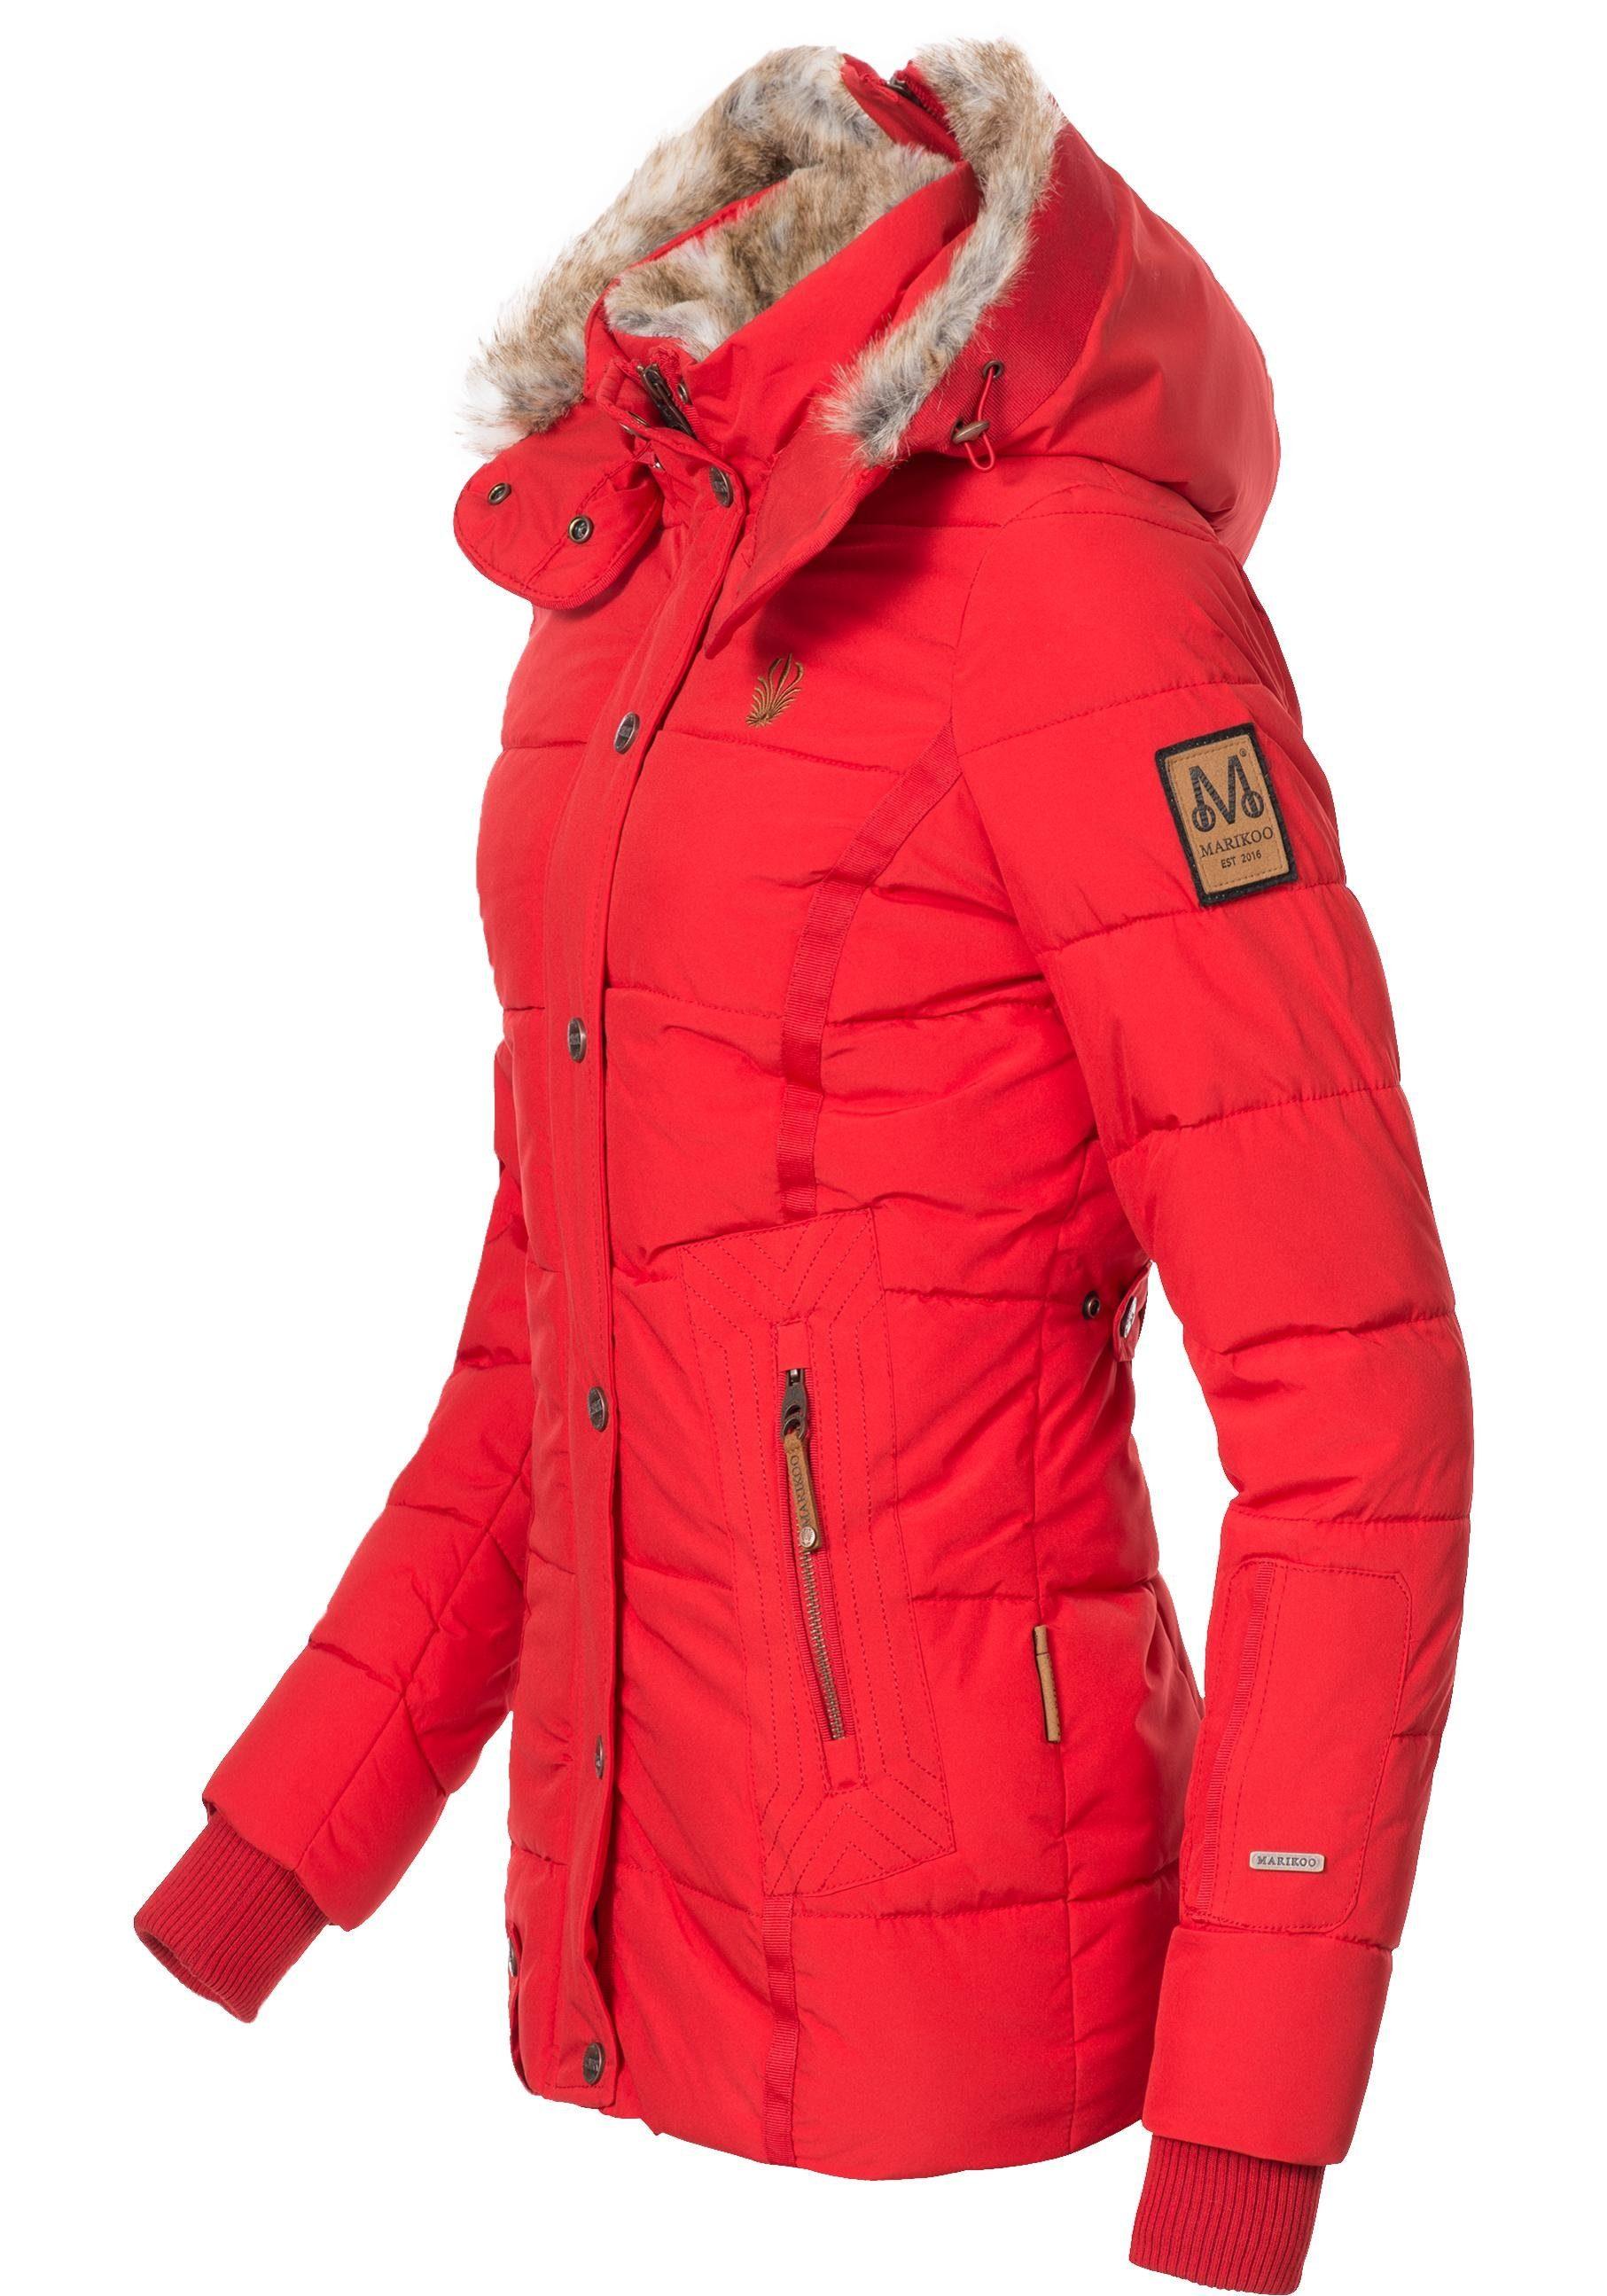 Marikoo Winterjacke »Nekoo« stylische Damen Steppjacke mit großer Kapuze online kaufen | OTTO